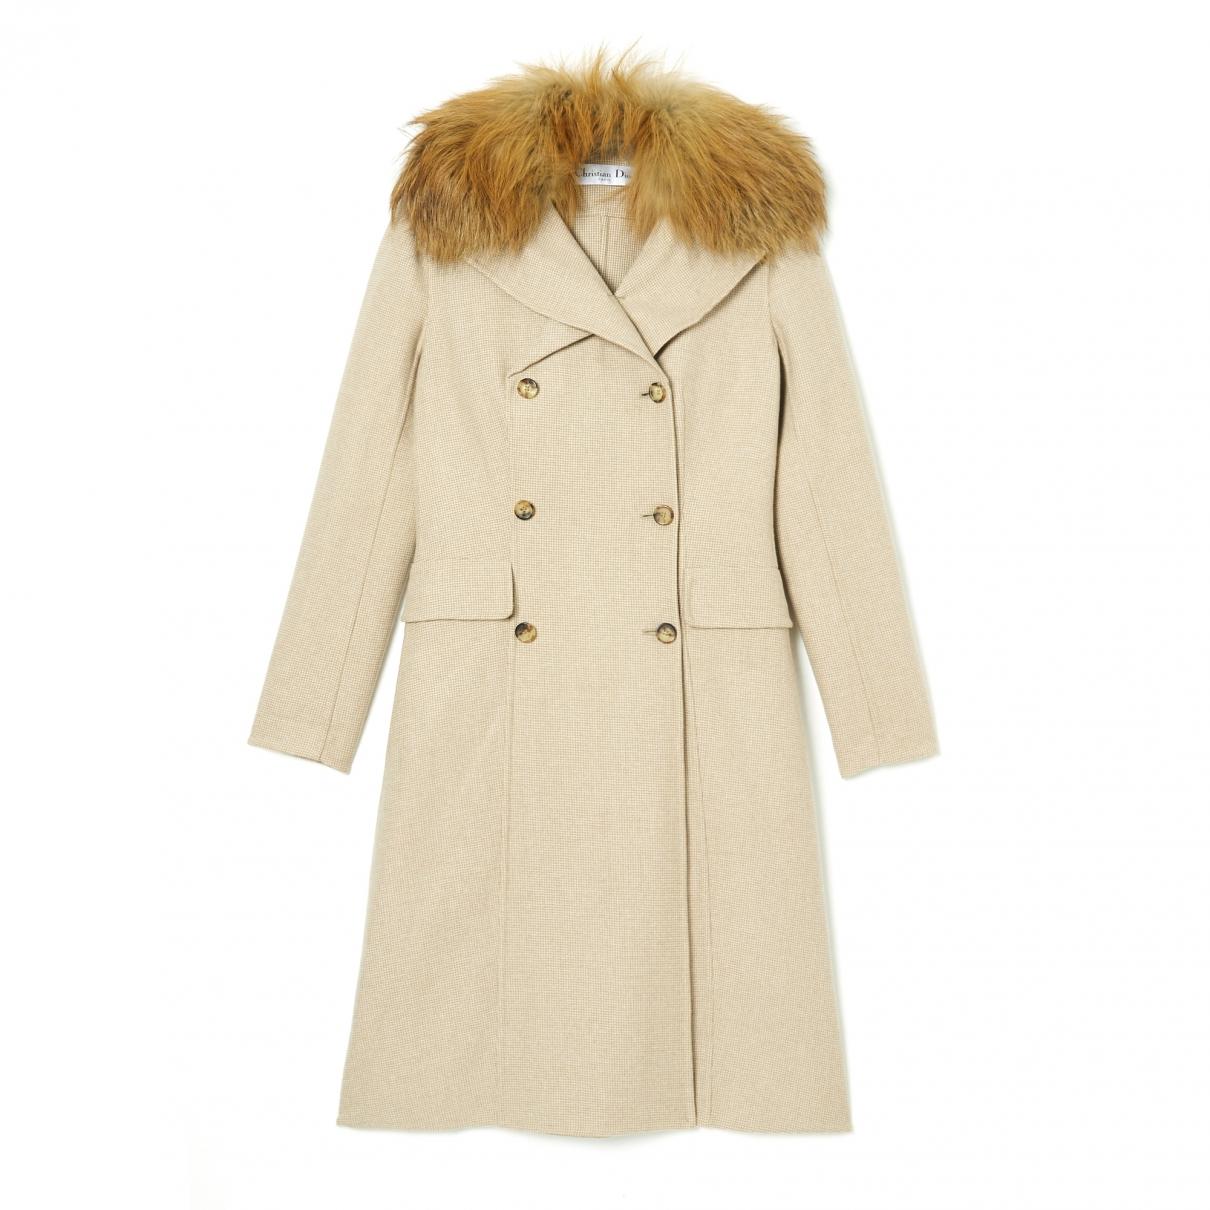 Christian Dior - Manteau   pour femme en laine - beige